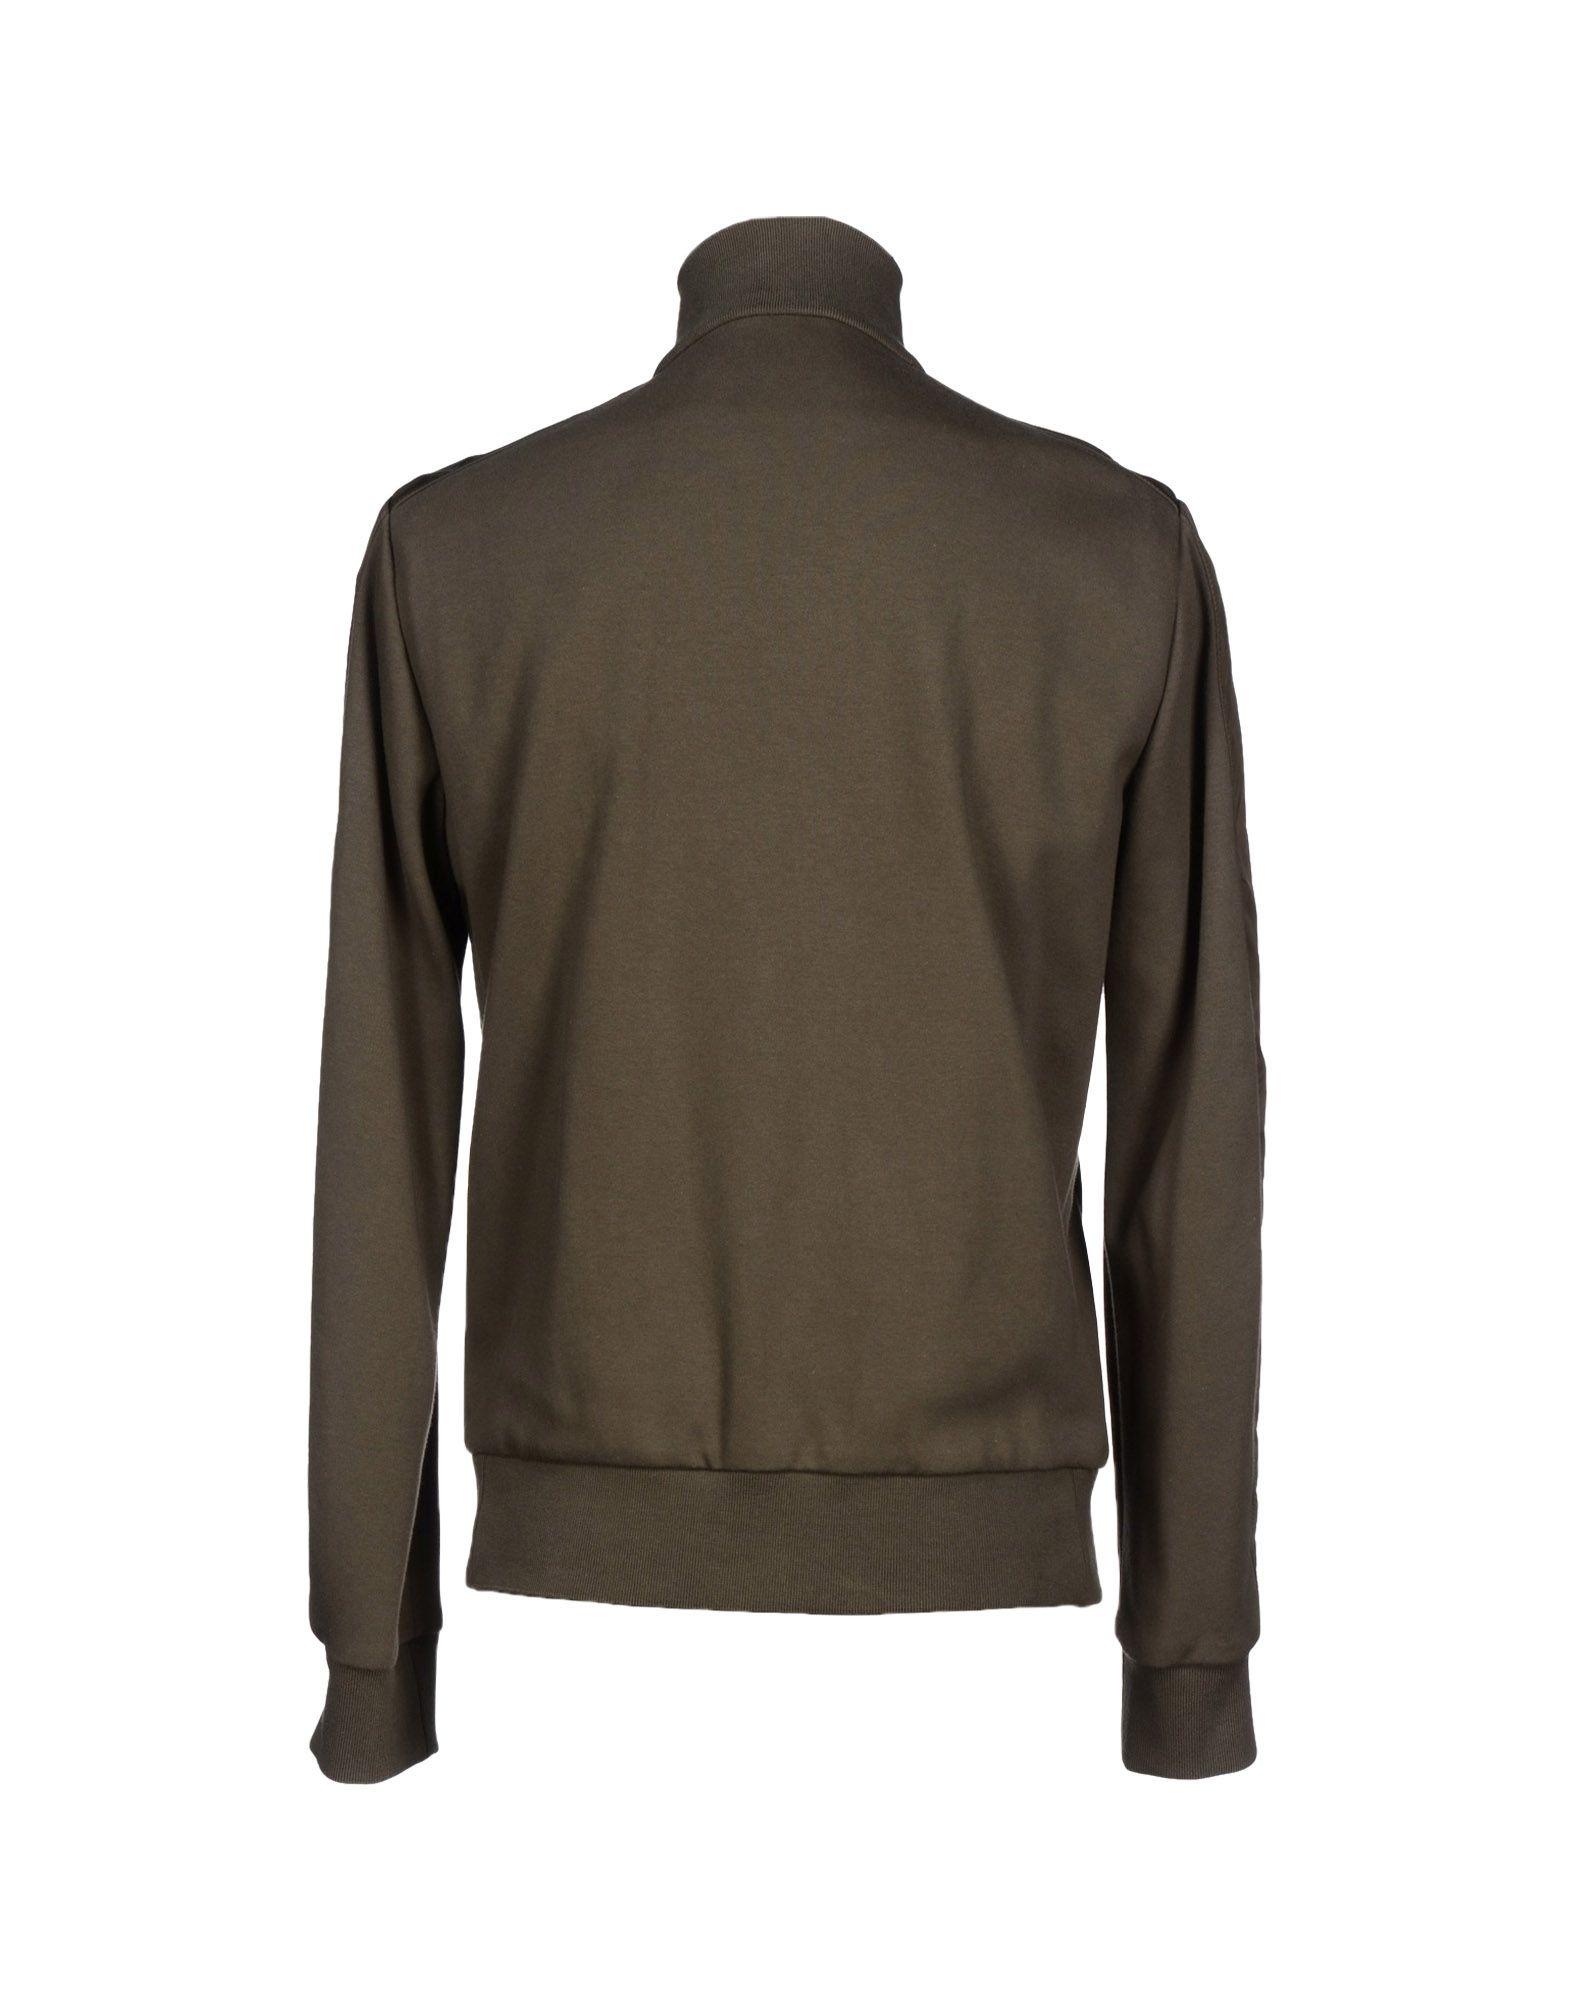 ralph lauren black label sweatshirt in green for men lyst. Black Bedroom Furniture Sets. Home Design Ideas